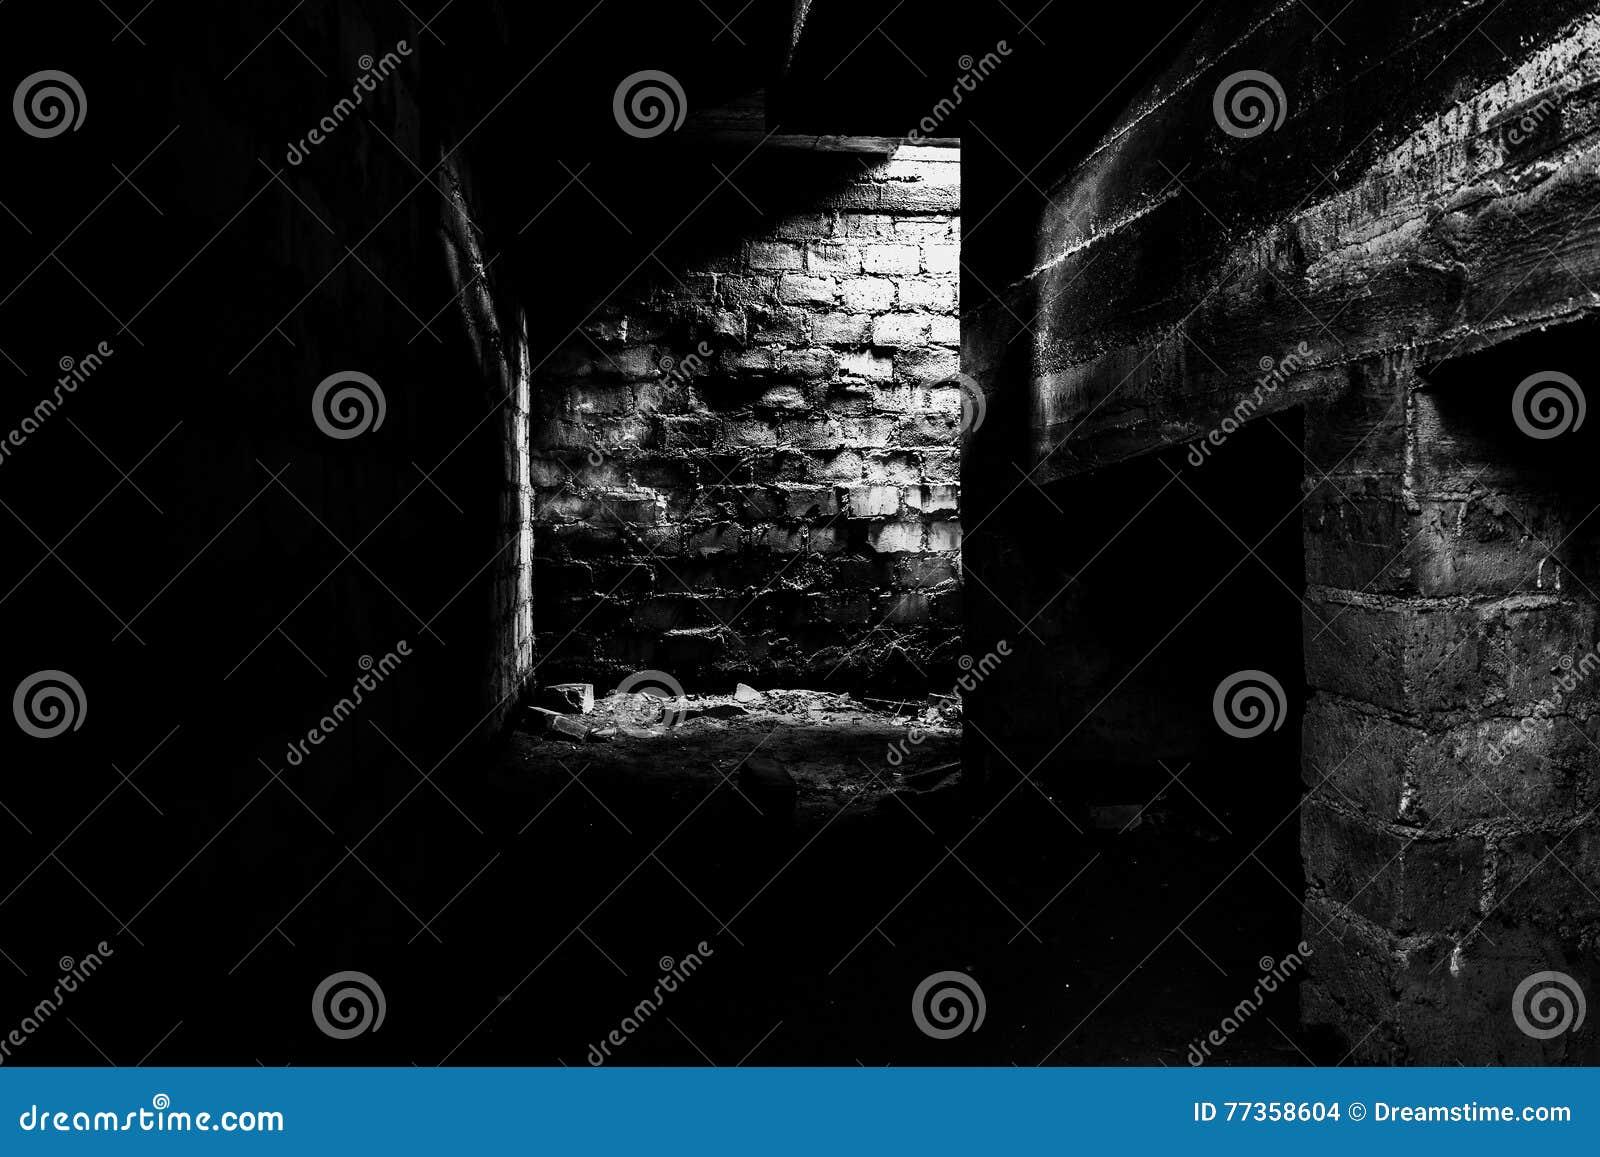 Σκοτεινό υπόγειο